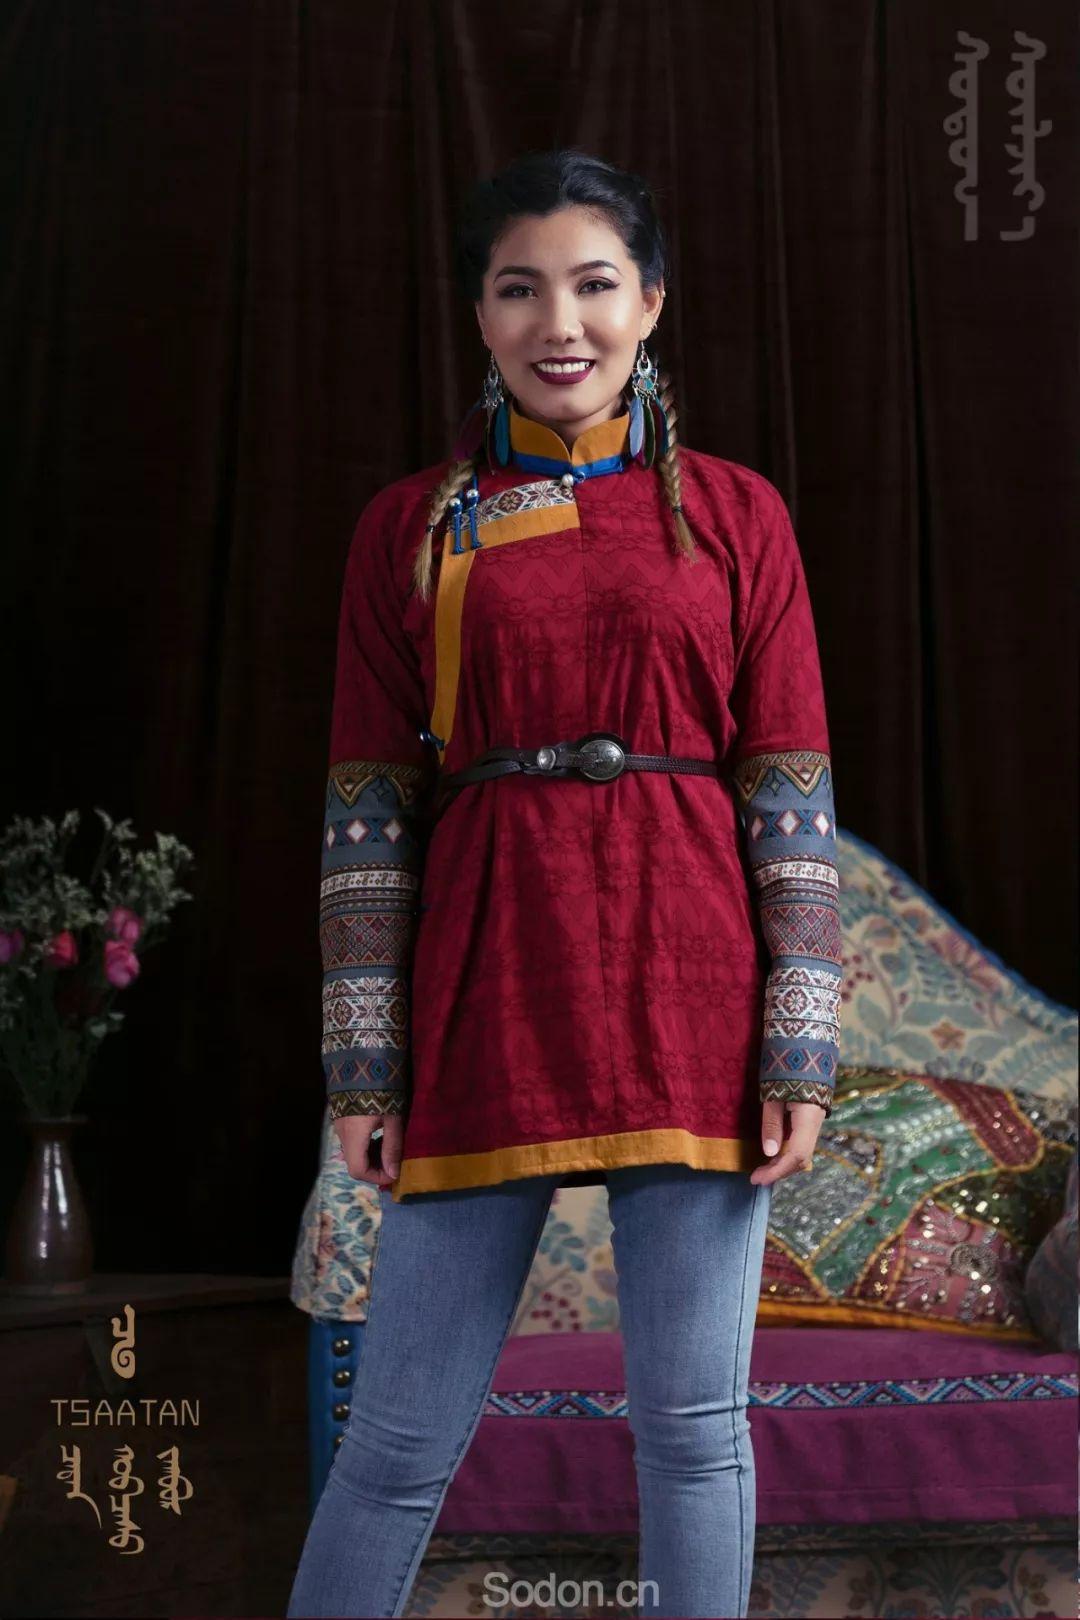 TSAATAN蒙古时装 2019新款,来自驯鹿人的独特魅力! 第65张 TSAATAN蒙古时装 2019新款,来自驯鹿人的独特魅力! 蒙古服饰